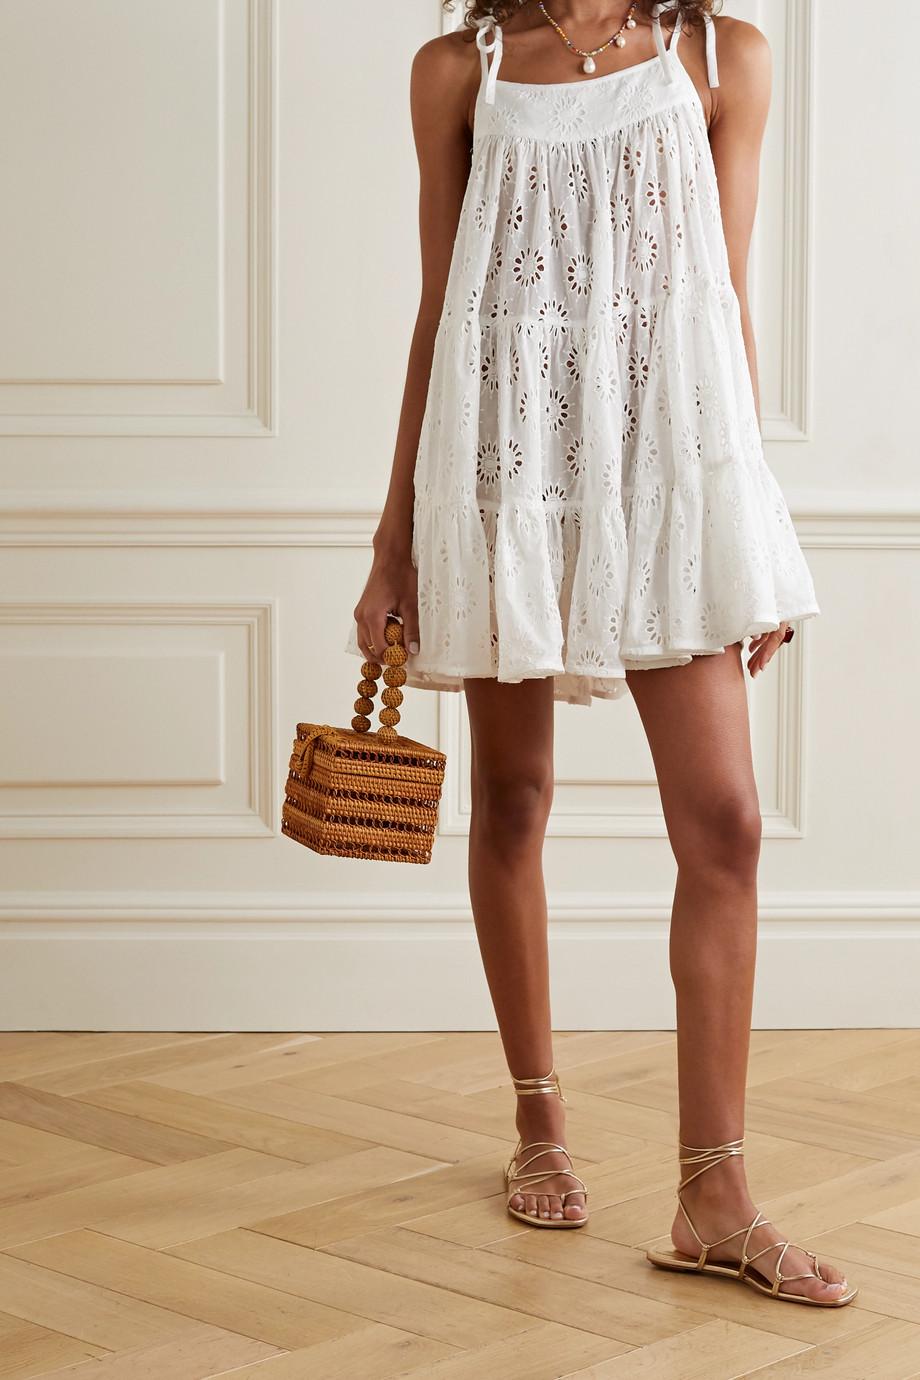 Honorine Peri gestuftes Minikleid aus Baumwollgaze mit Lochstickerei